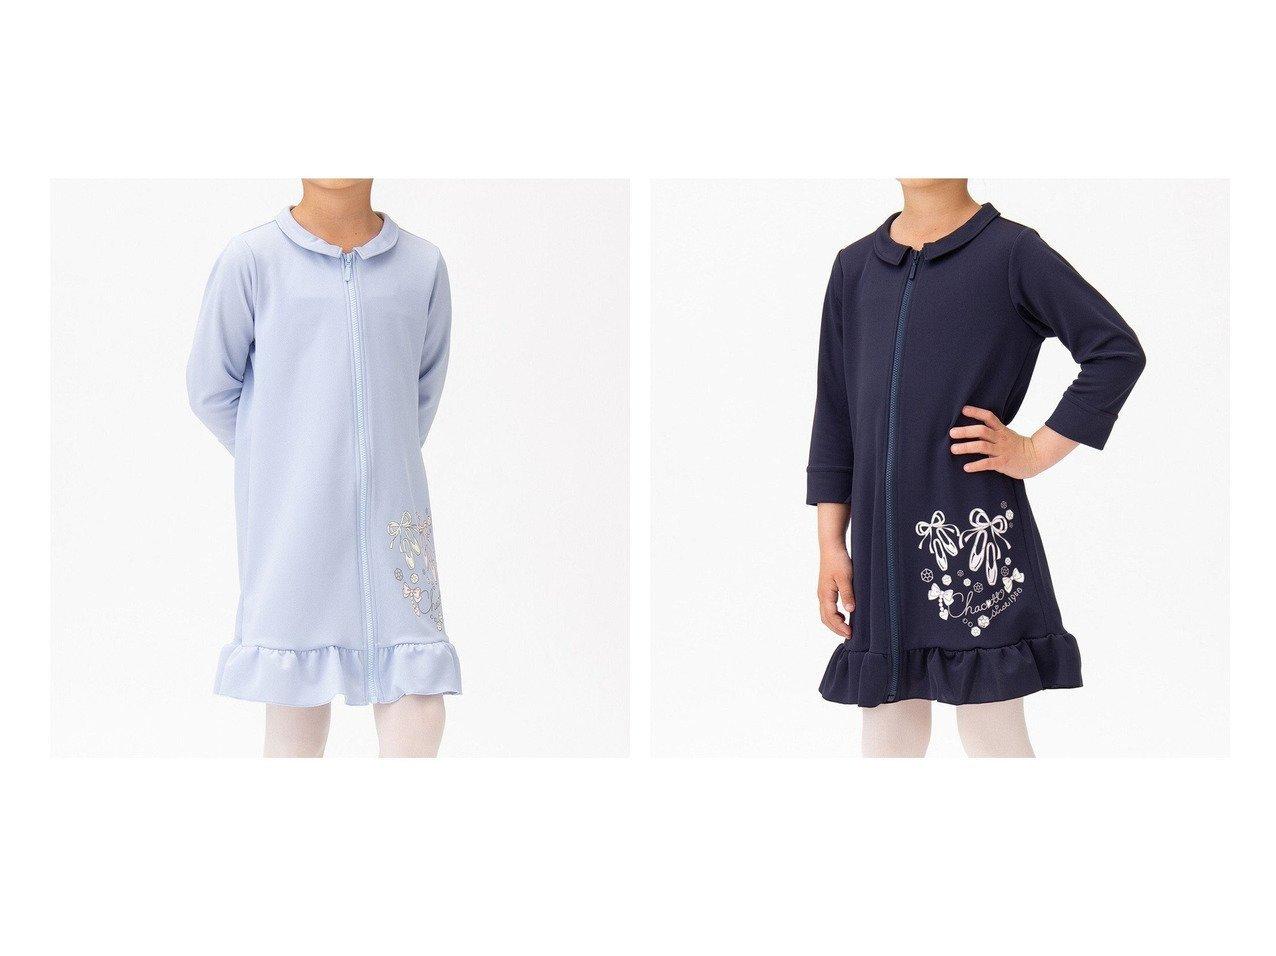 【Chacott / KIDS/チャコット】の【再入荷】ジップアップワンピース 【KIDS】子供服のおすすめ!人気トレンド・キッズファッションの通販 おすすめで人気の流行・トレンド、ファッションの通販商品 インテリア・家具・メンズファッション・キッズファッション・レディースファッション・服の通販 founy(ファニー) https://founy.com/ ファッション Fashion キッズファッション KIDS ワンピース Dress/Kids コンパクト フリル 再入荷 Restock/Back in Stock/Re Arrival 吸水  ID:crp329100000044569